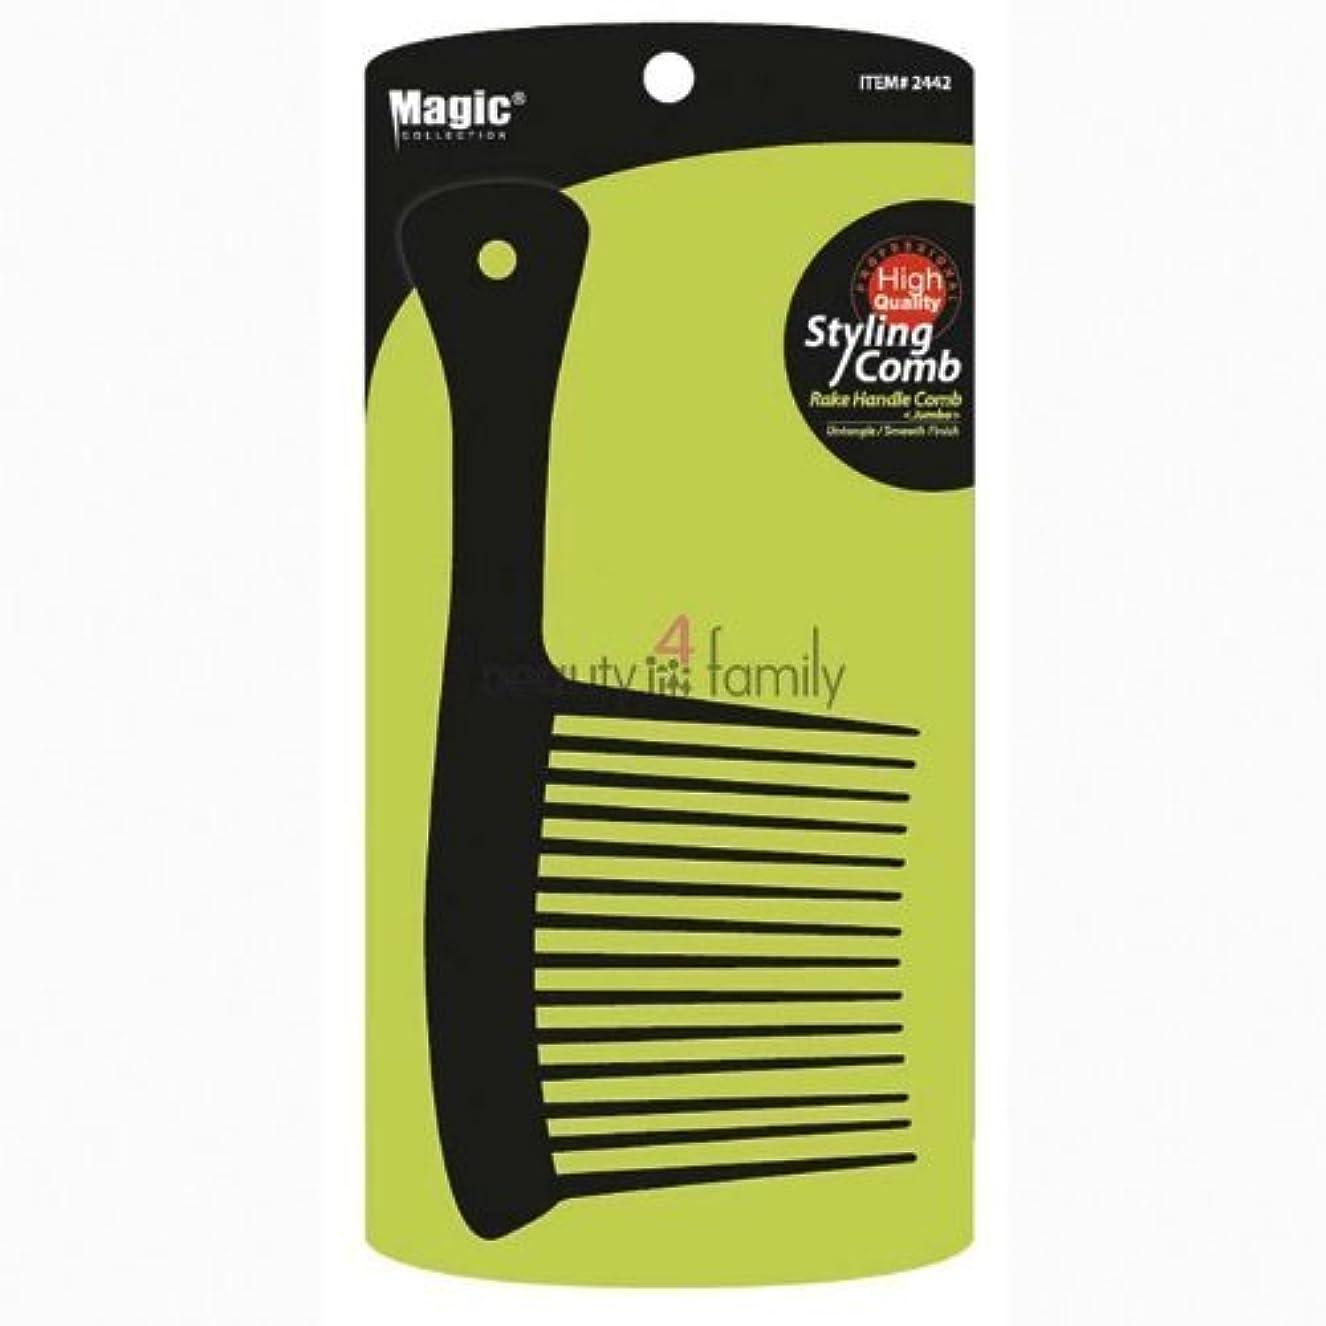 ジャムサスペンション襟Magic Jumbo Rake Handle Comb #2442 [並行輸入品]